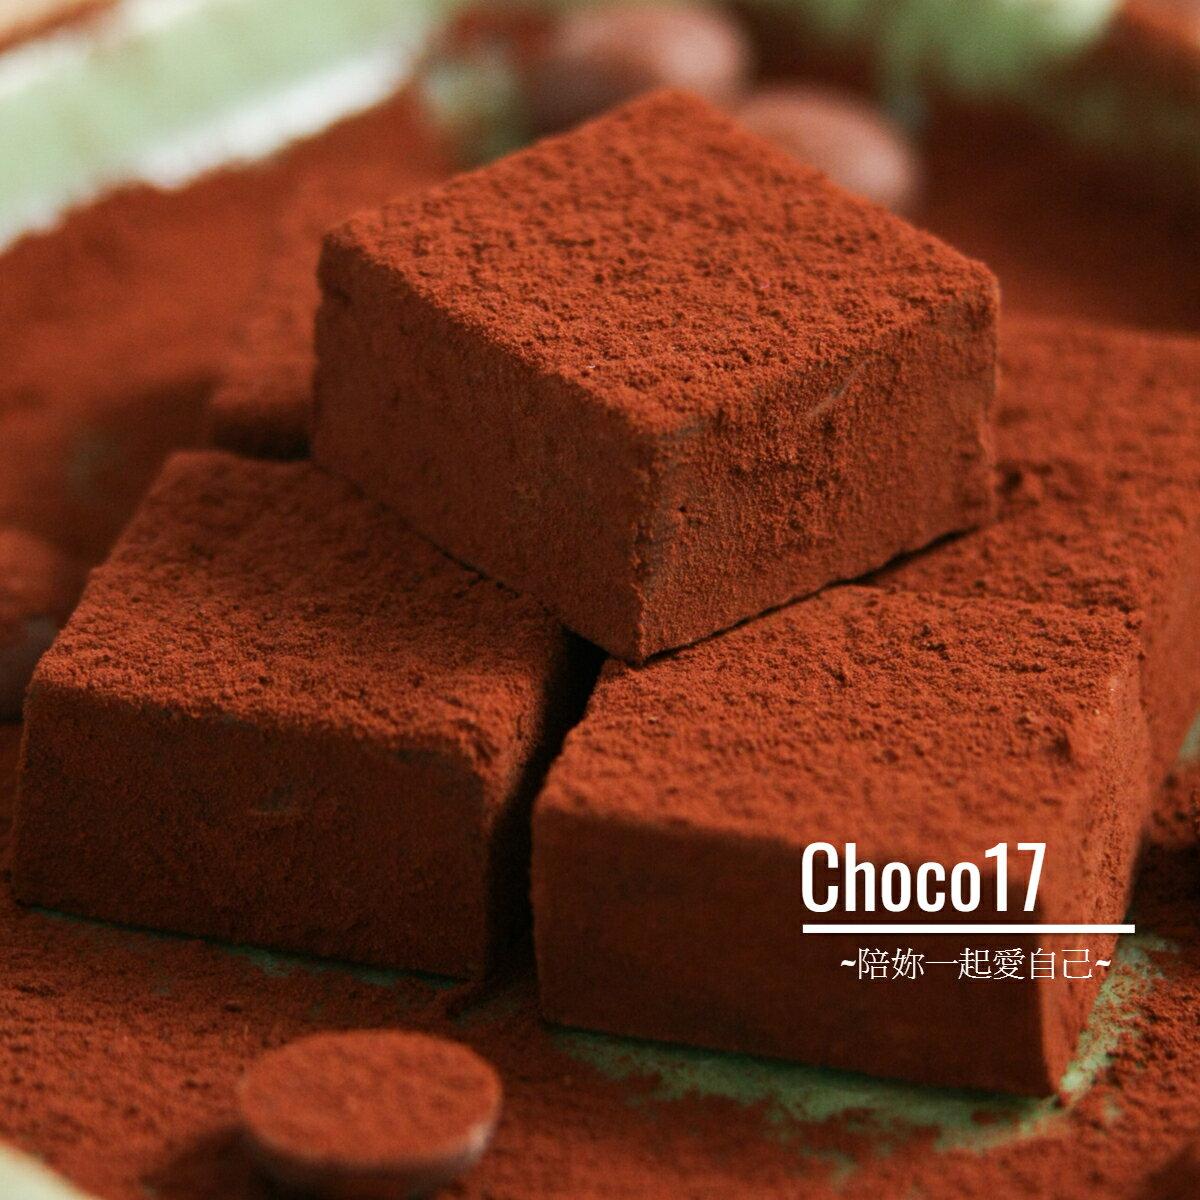 經典生巧克力❤1分鐘狂賣4盒❤口味任選2盒 第二件79折【Choco17 香謝17巧克力】巧克力專賣 | 領卷滿1000現折100 2